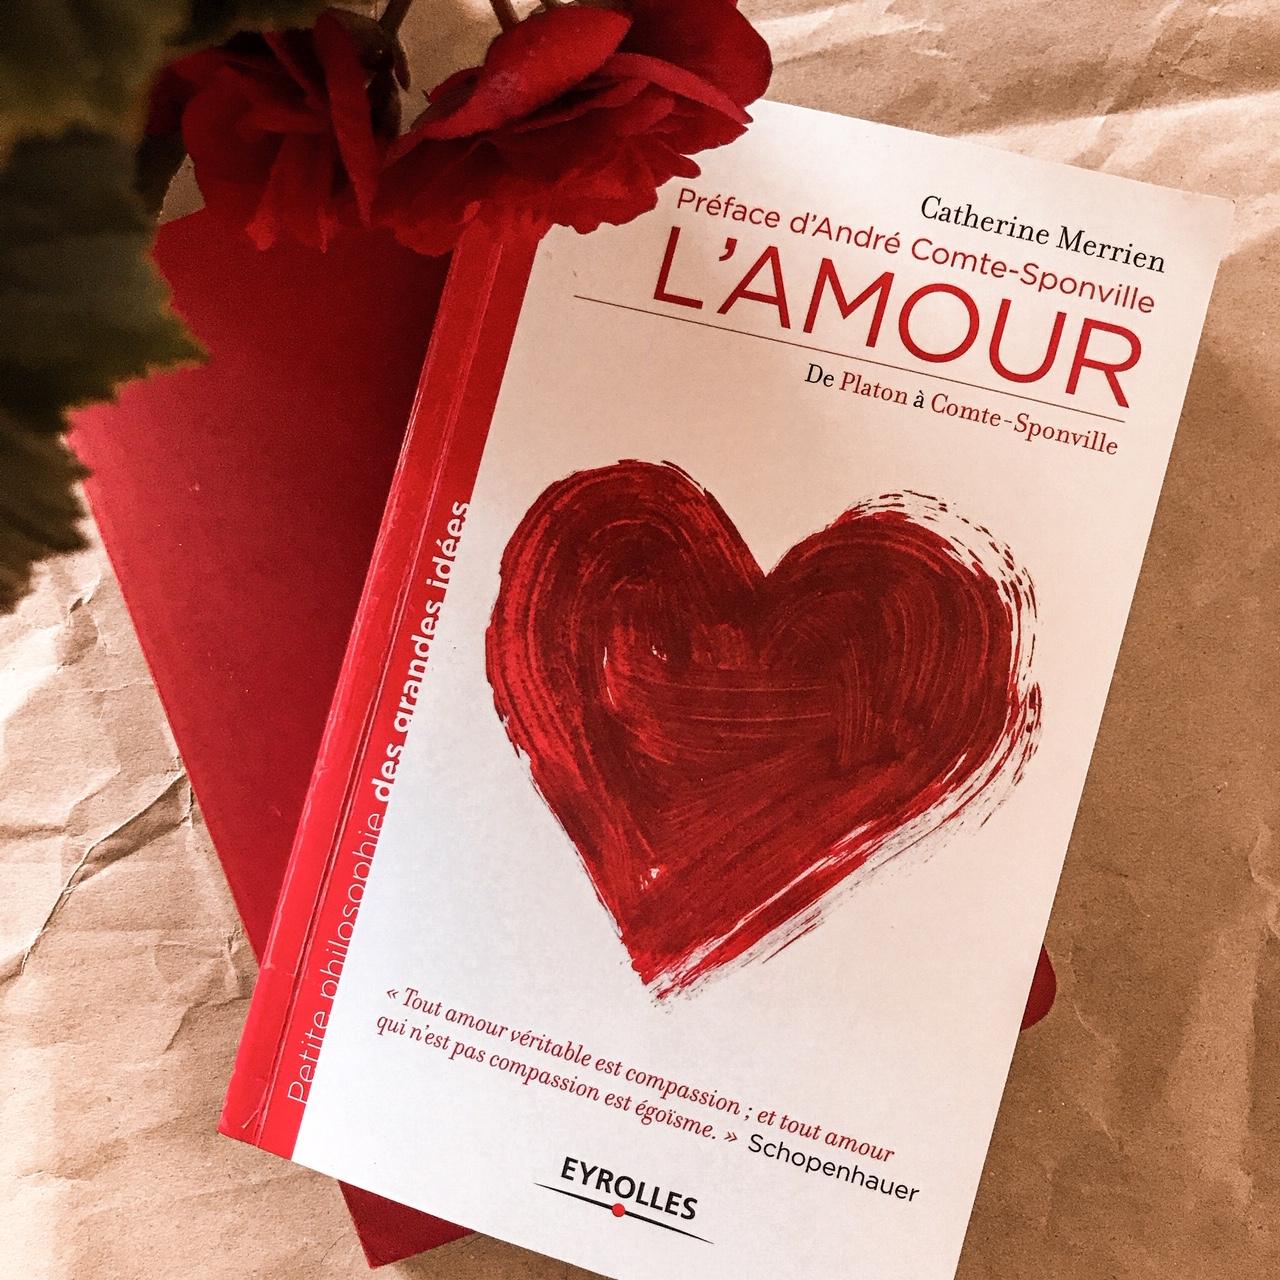 L'Amour de Platon à Comte-Sponville, de Catherine Merrien : penser le sentiment amoureux